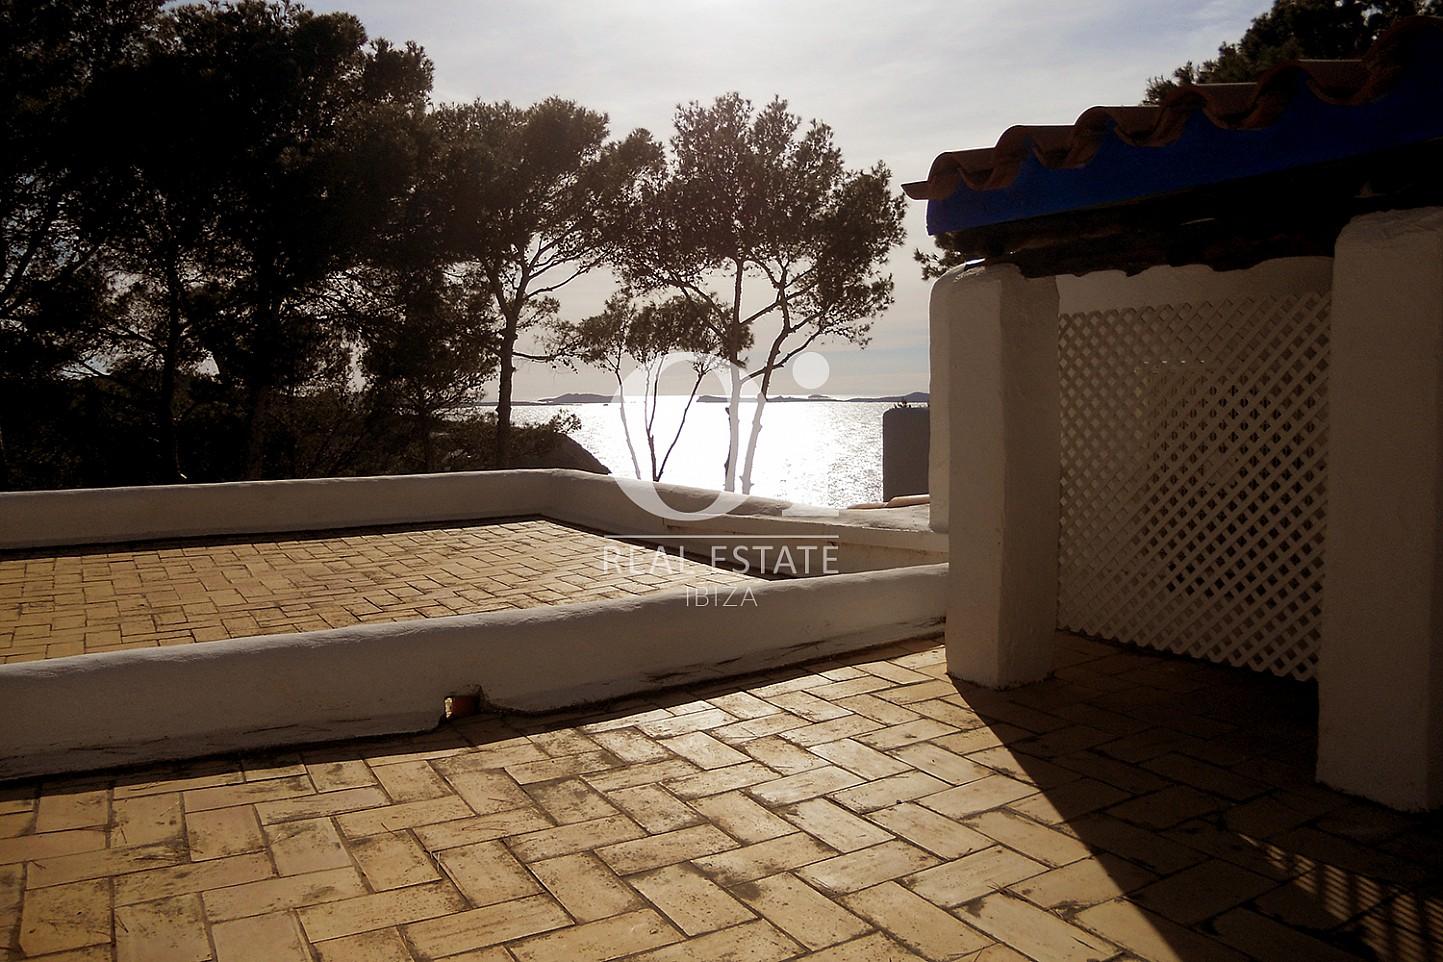 Blick auf die Terrasse vom Haus zum Verkauf in Punta Galera, Ibiza